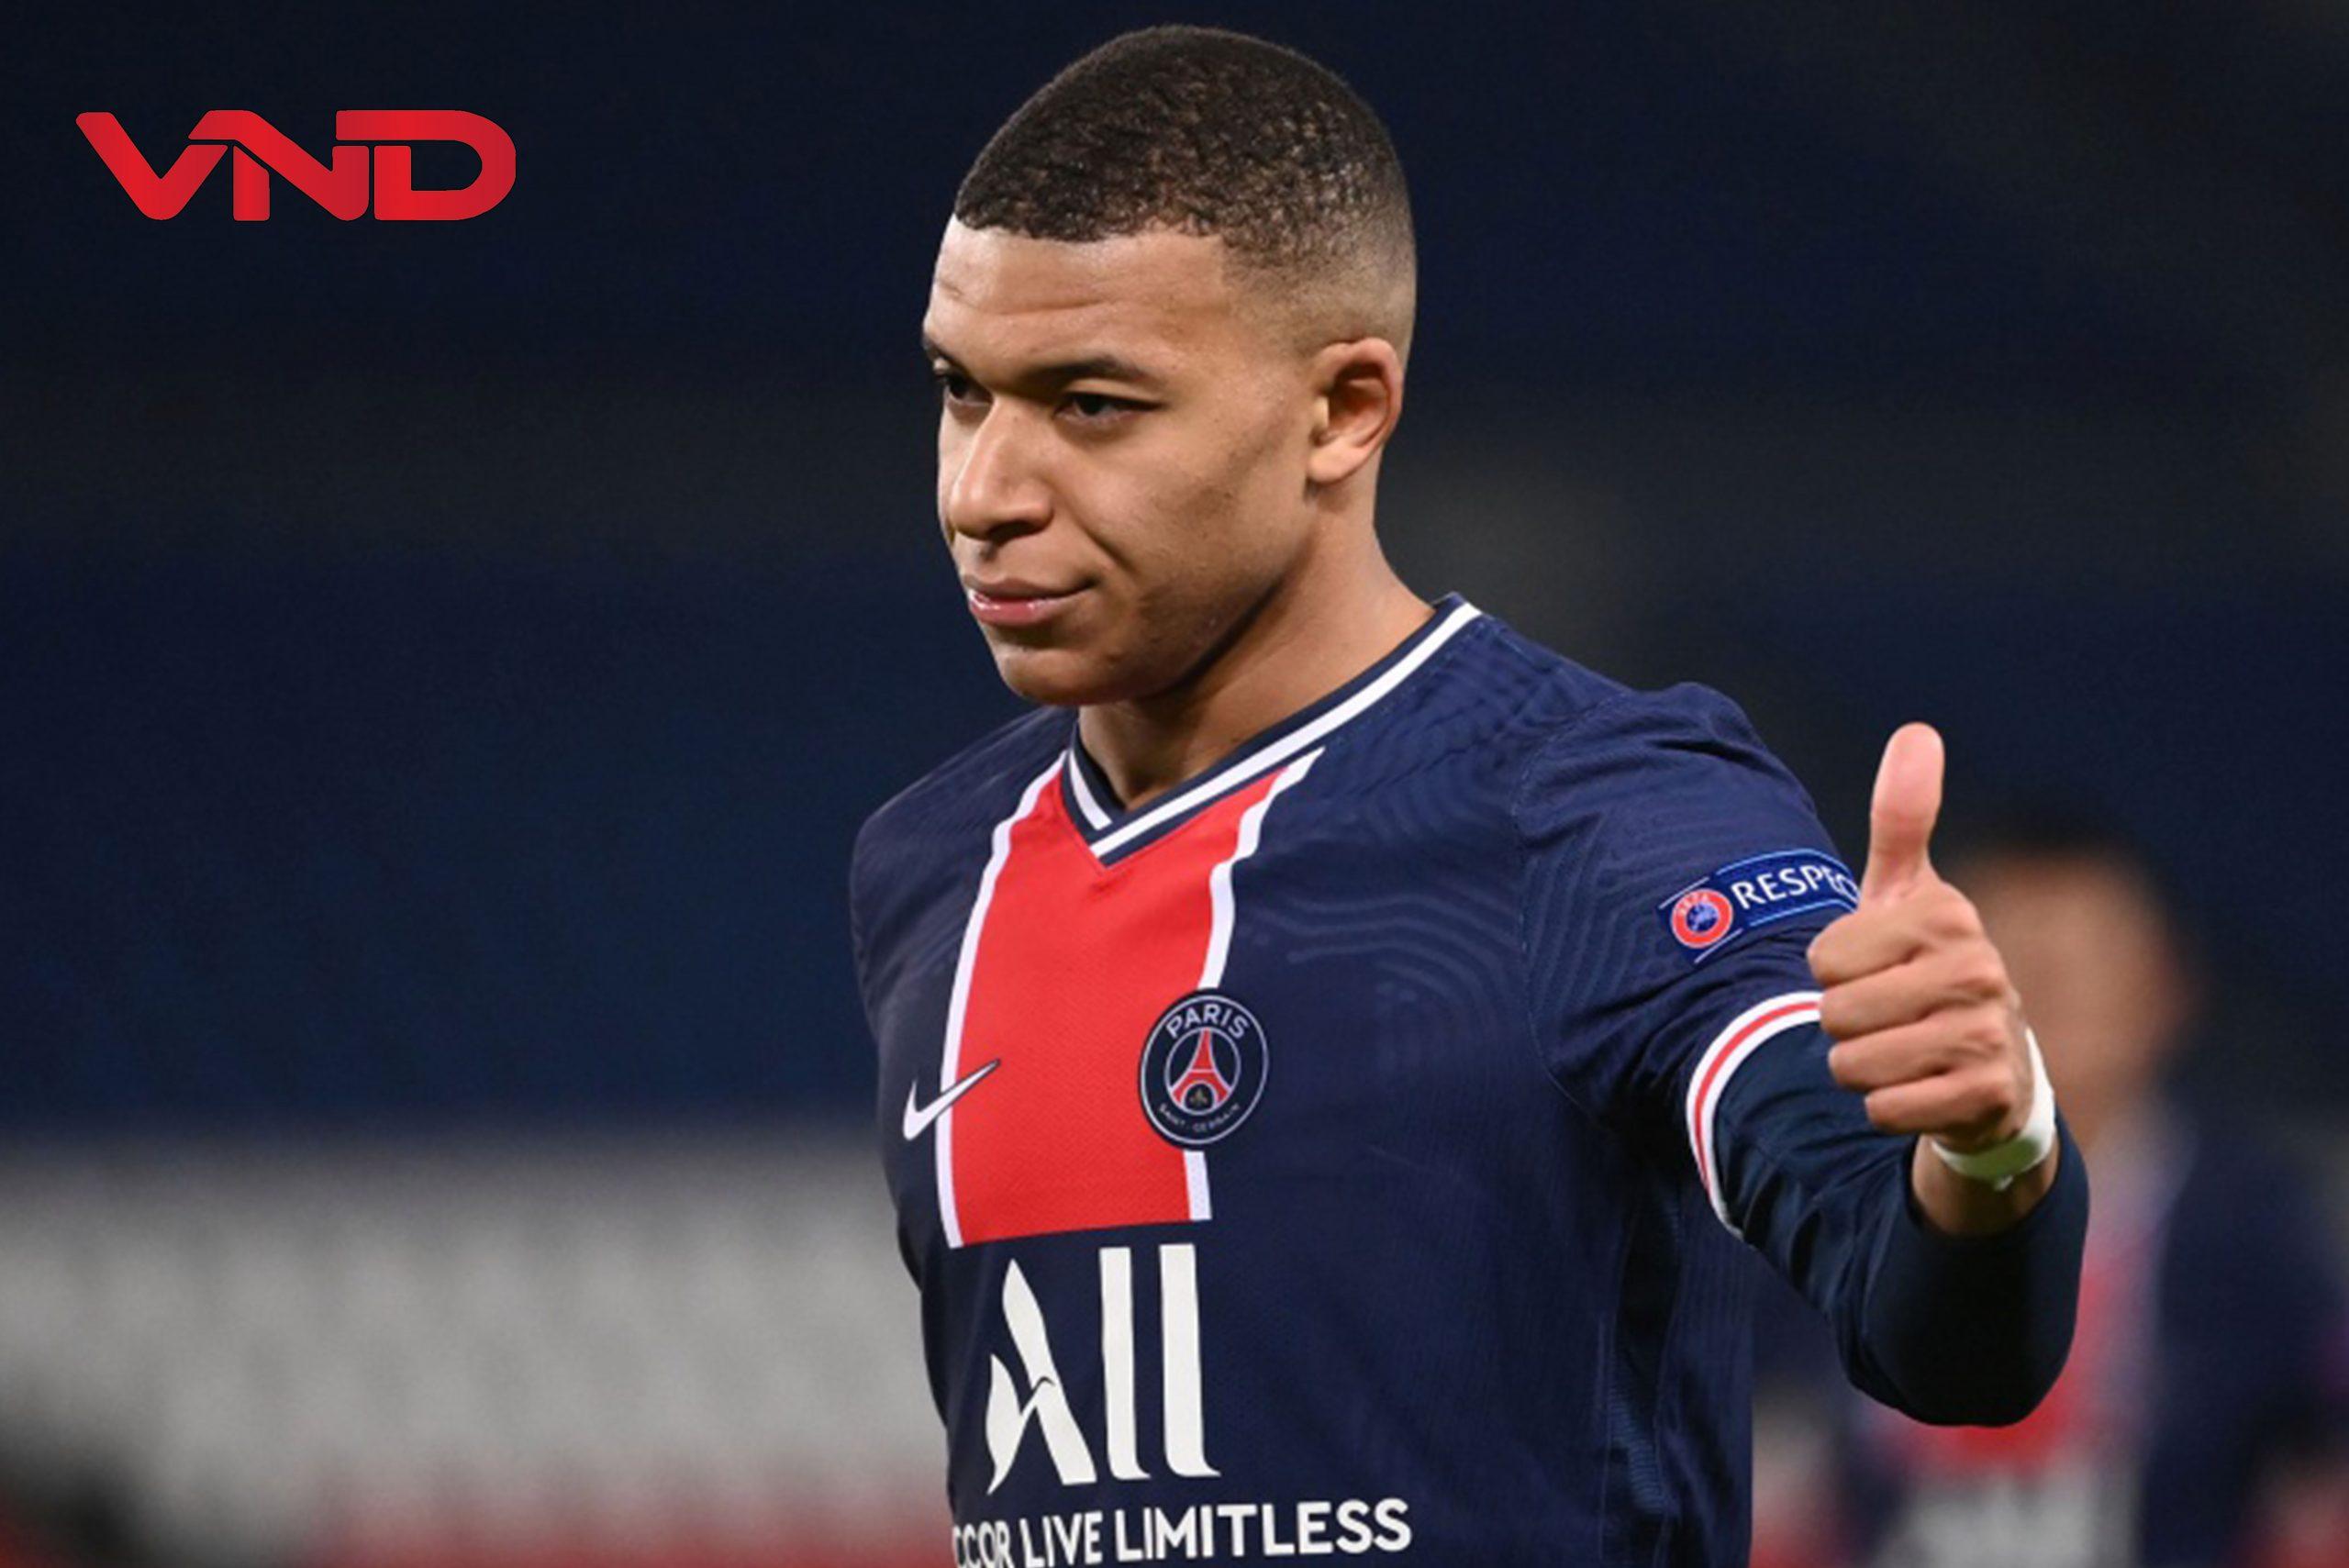 Trong gần 2 tuần còn lại của kỳ chuyển nhượng nếu Mbappe đến Real Madrid, có thể Cristiano Ronaldo sẽ gia nhập PSG